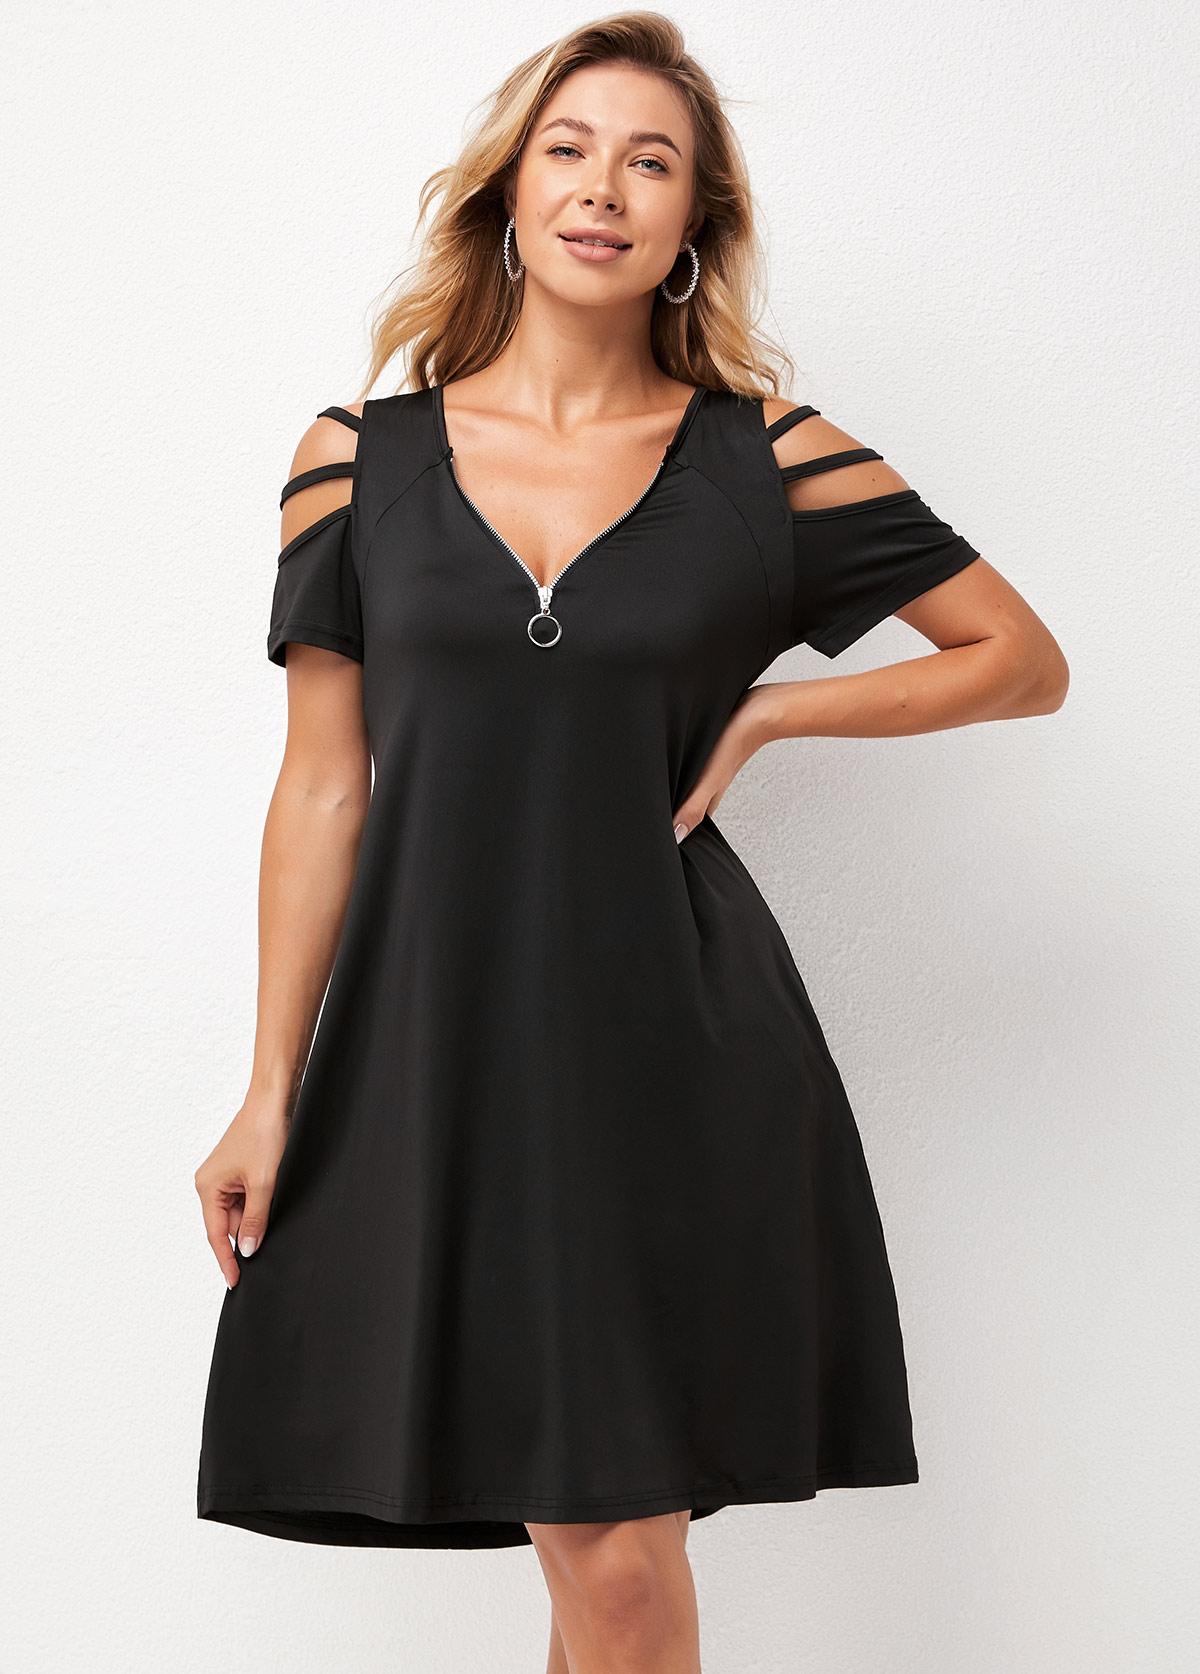 Ladder Cutout Pocket Quarter Zip Dress